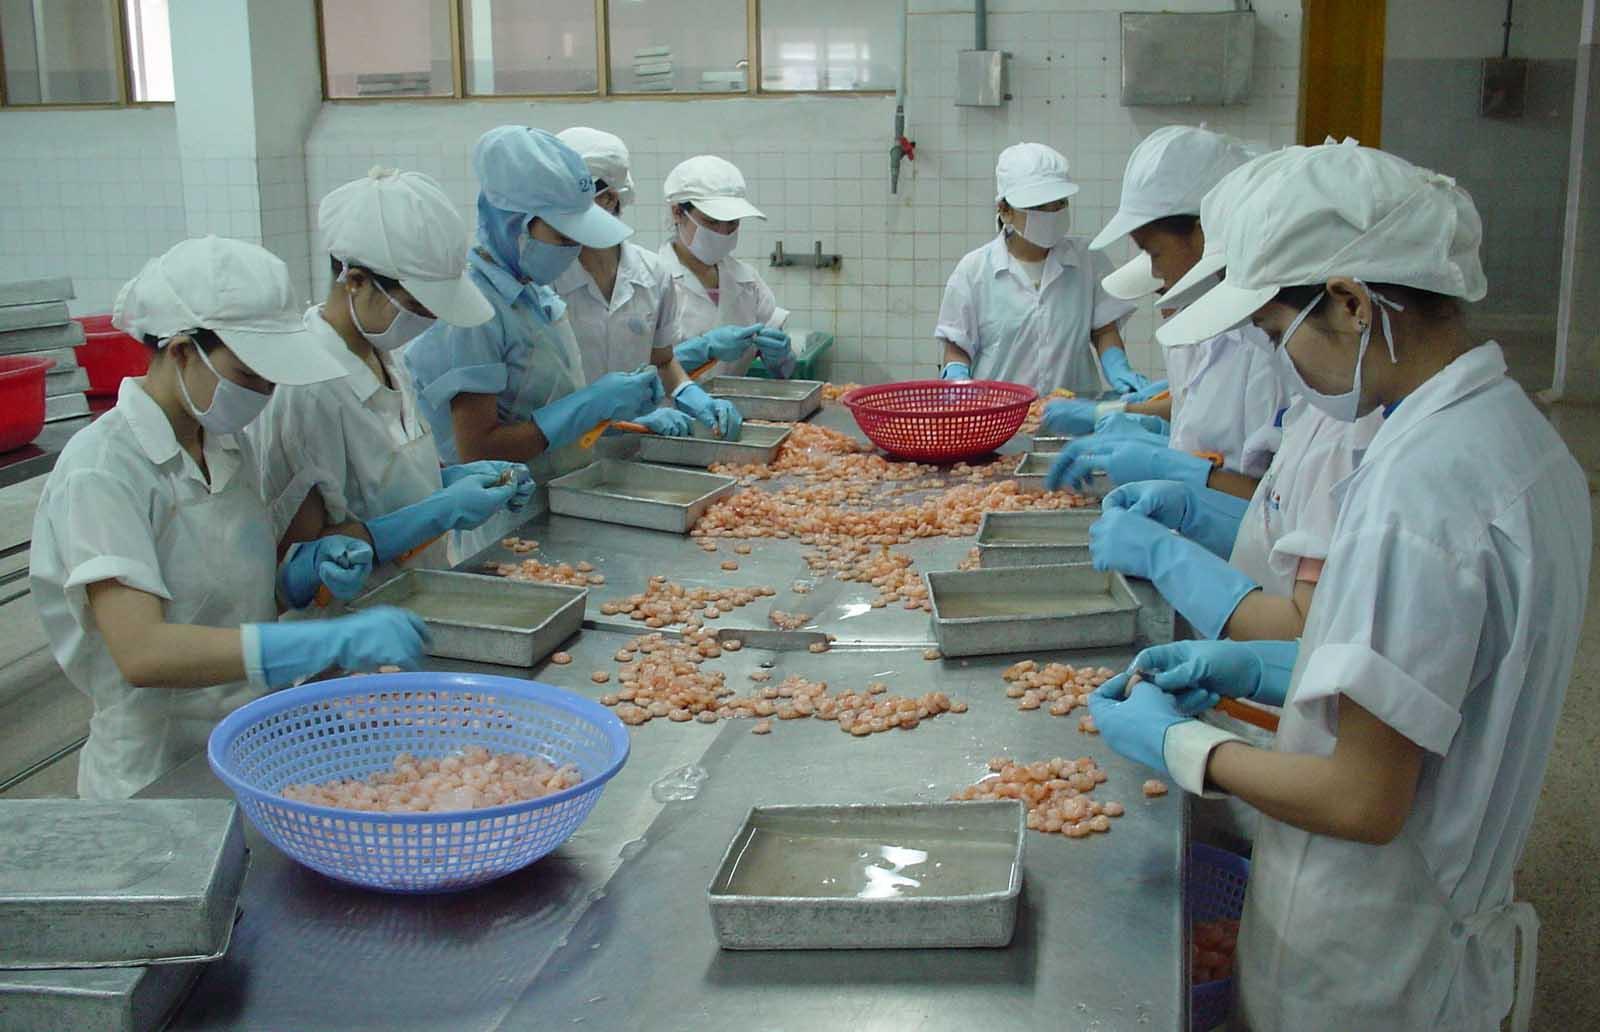 Tiền Giang: Chú trọng xây dựng chuỗi cung ứng thực phẩm an toàn - ảnh 1